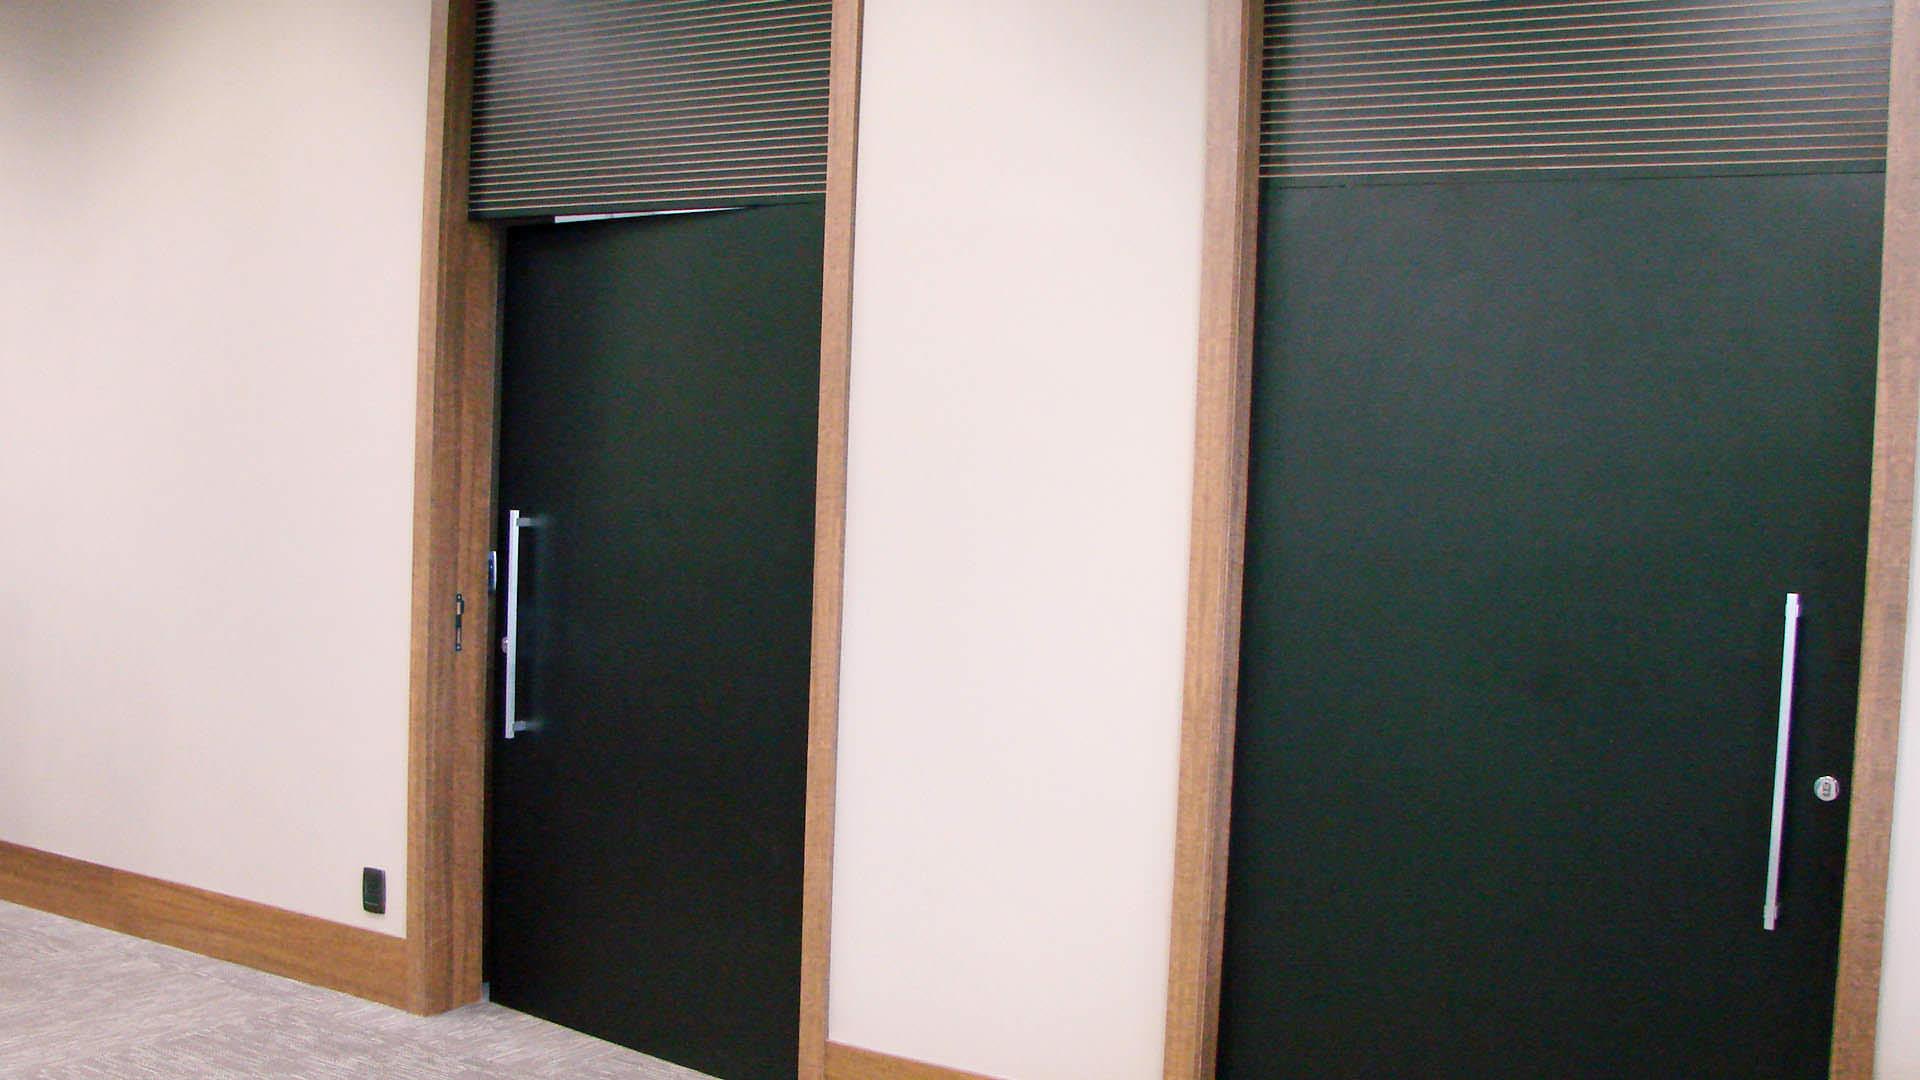 porta pivotante móveis planejados ambiente corporativo